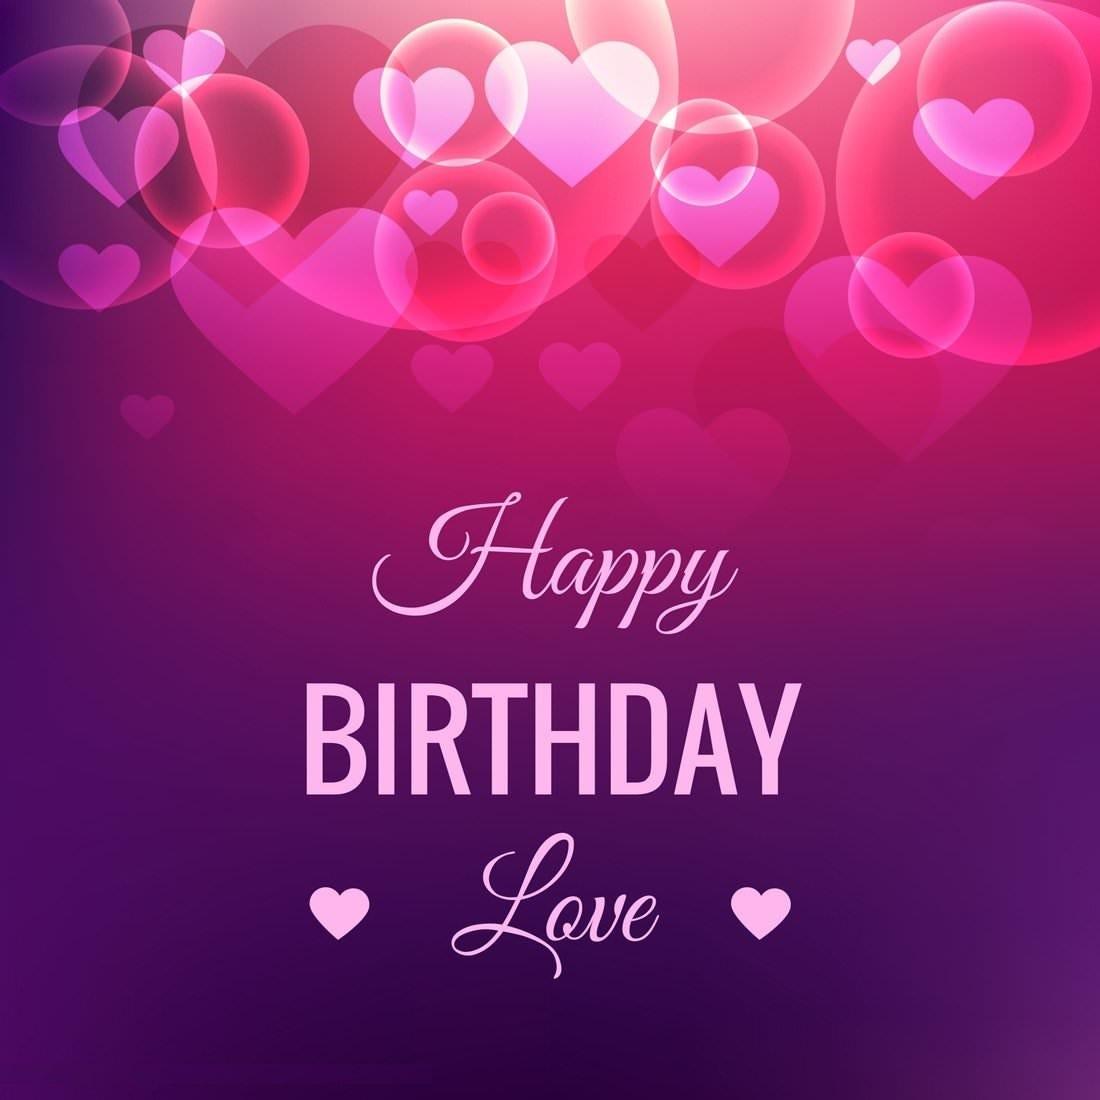 Happy Birthday Status For Girlfriend By Yourstatus Medium